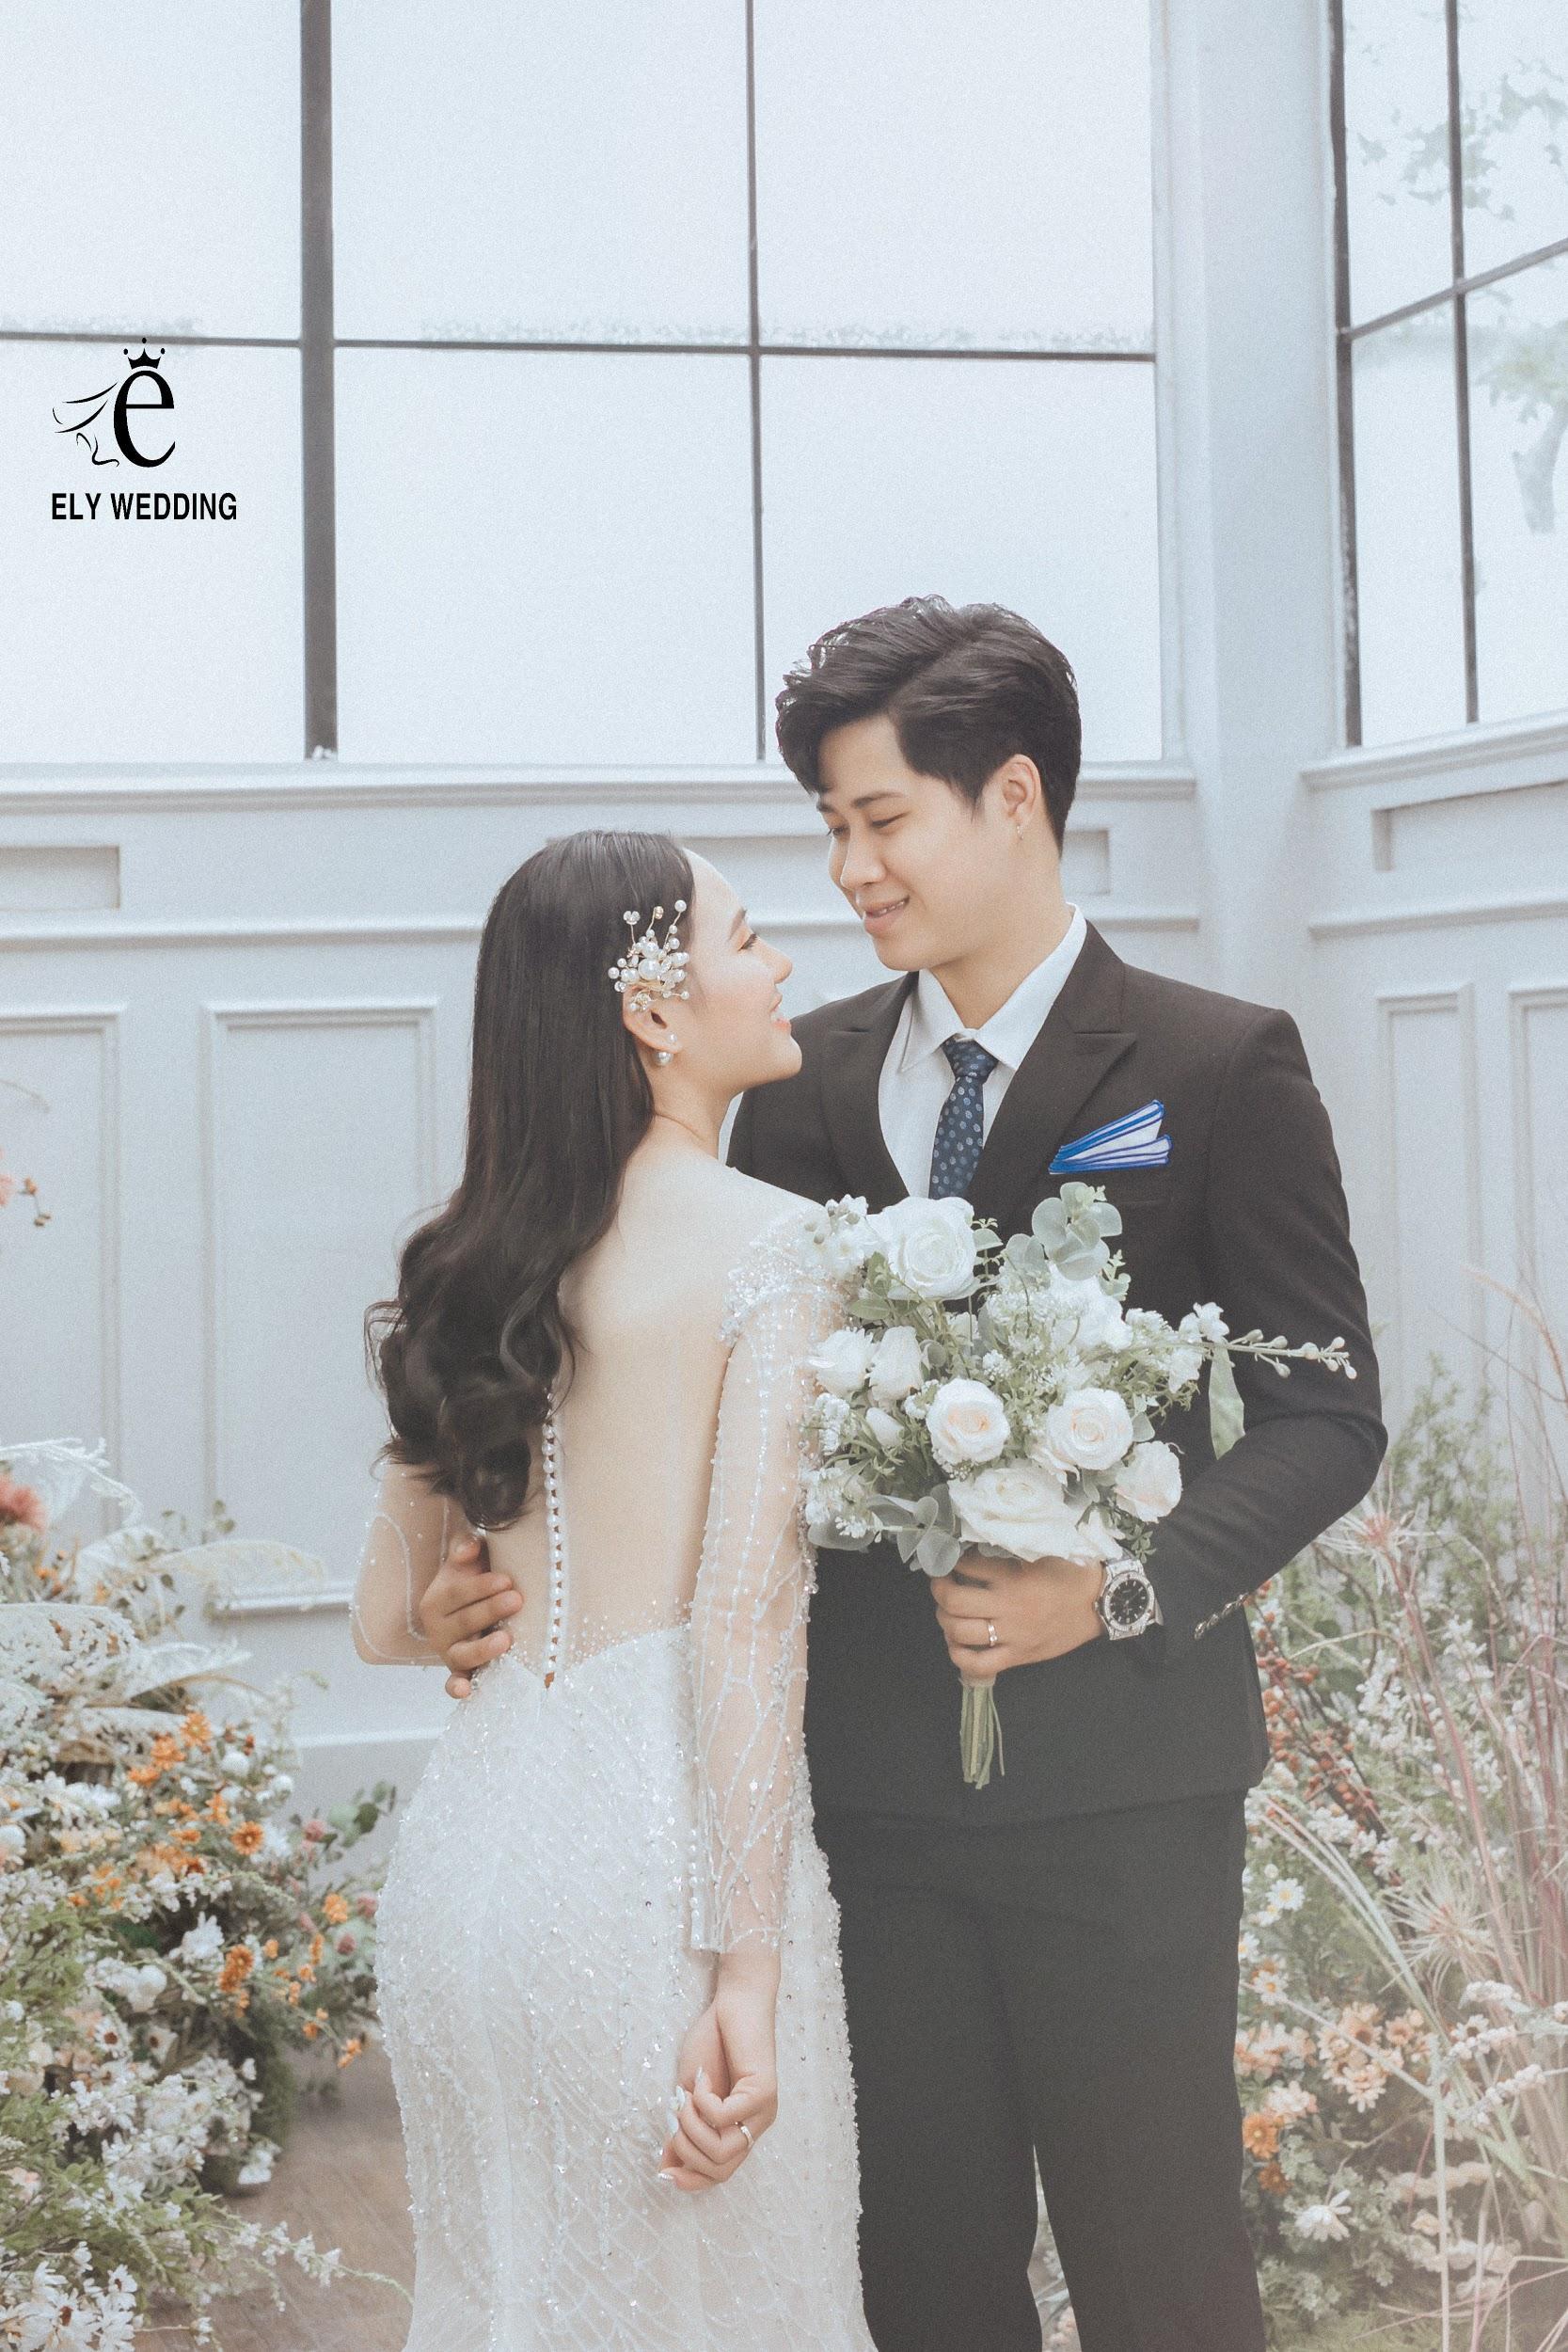 Bộ ảnh cưới siêu hot của Kiếm thủ Lê Minh Hằng - Em gái quốc dân làng thể thao Việt Nam - Ảnh 1.